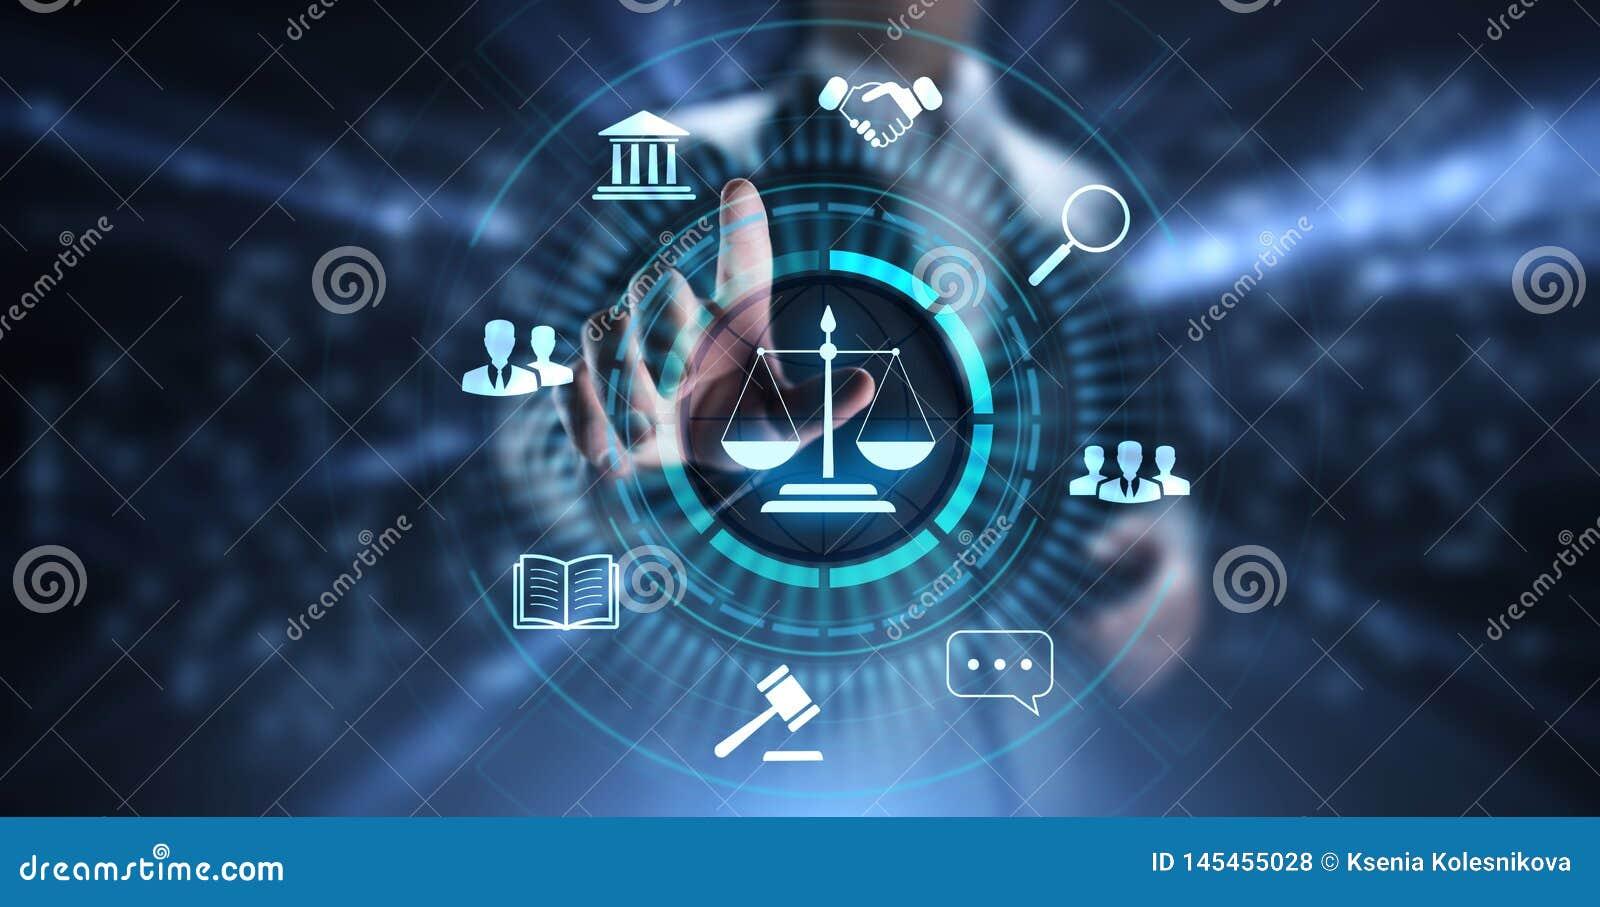 Ley laboral, abogado, abogado en la ley, concepto del negocio del asesoramiento jur?dico en la pantalla